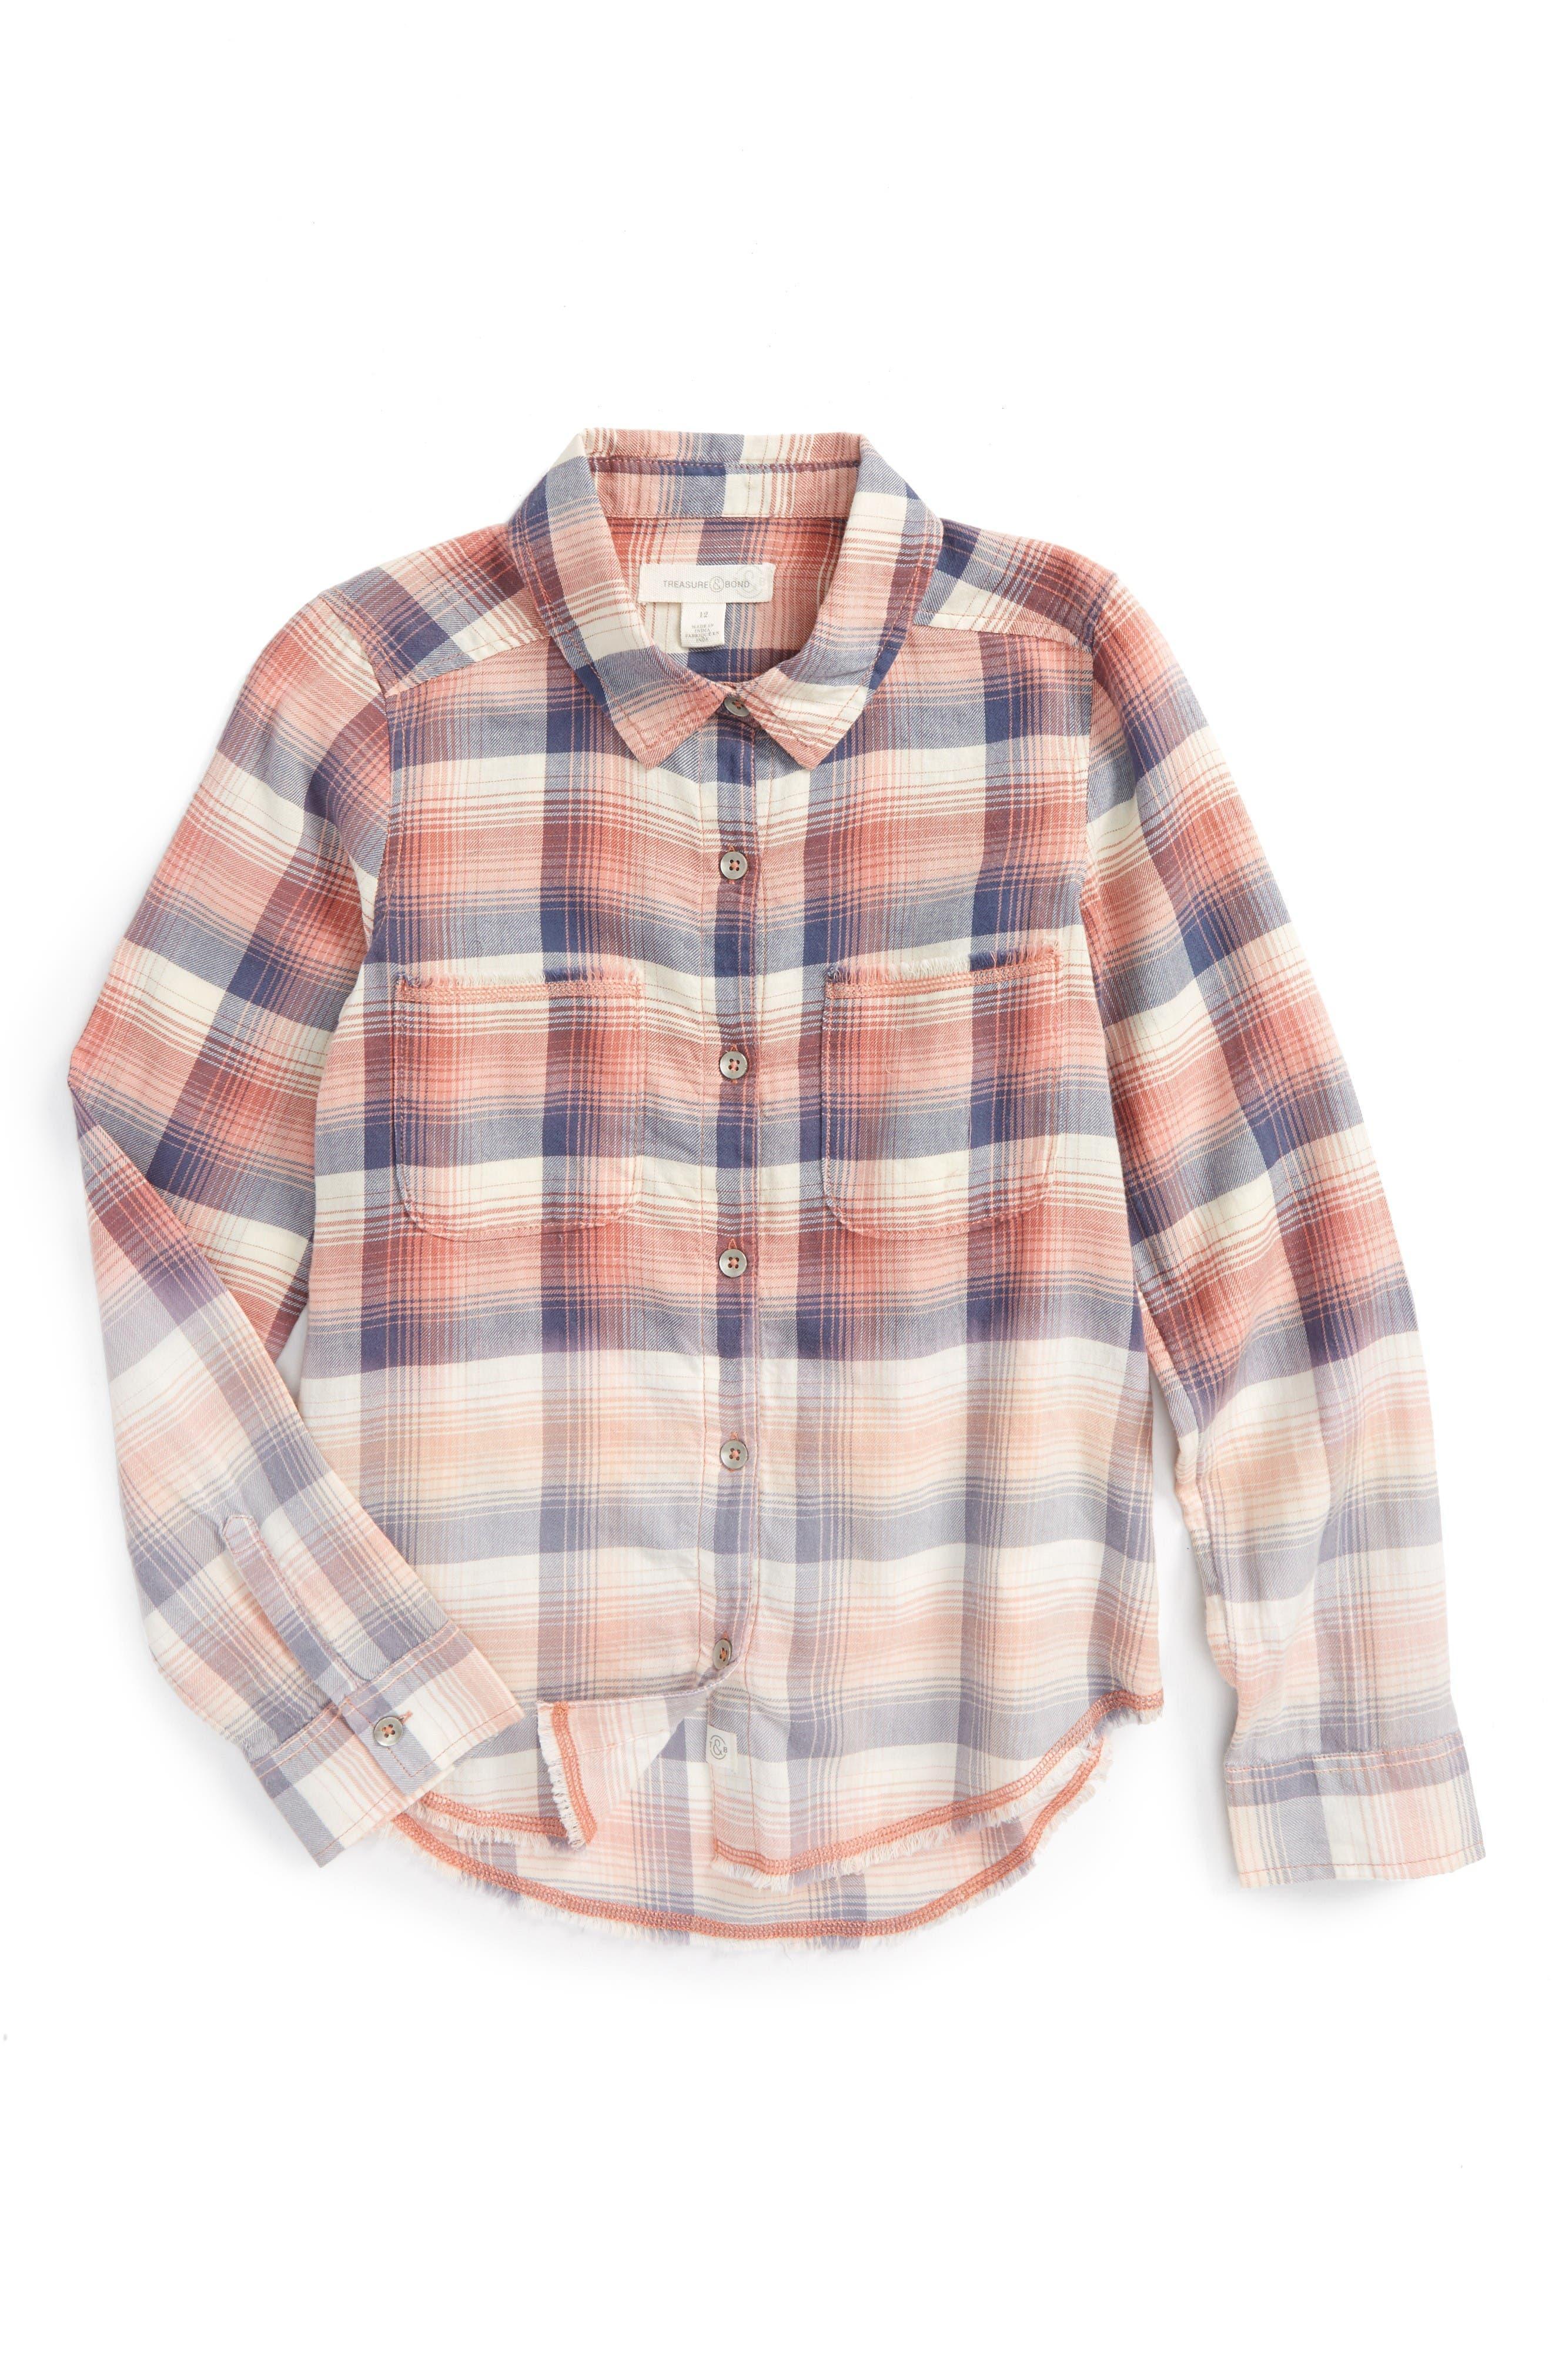 TREASURE & BOND Plaid Flannel Shirt